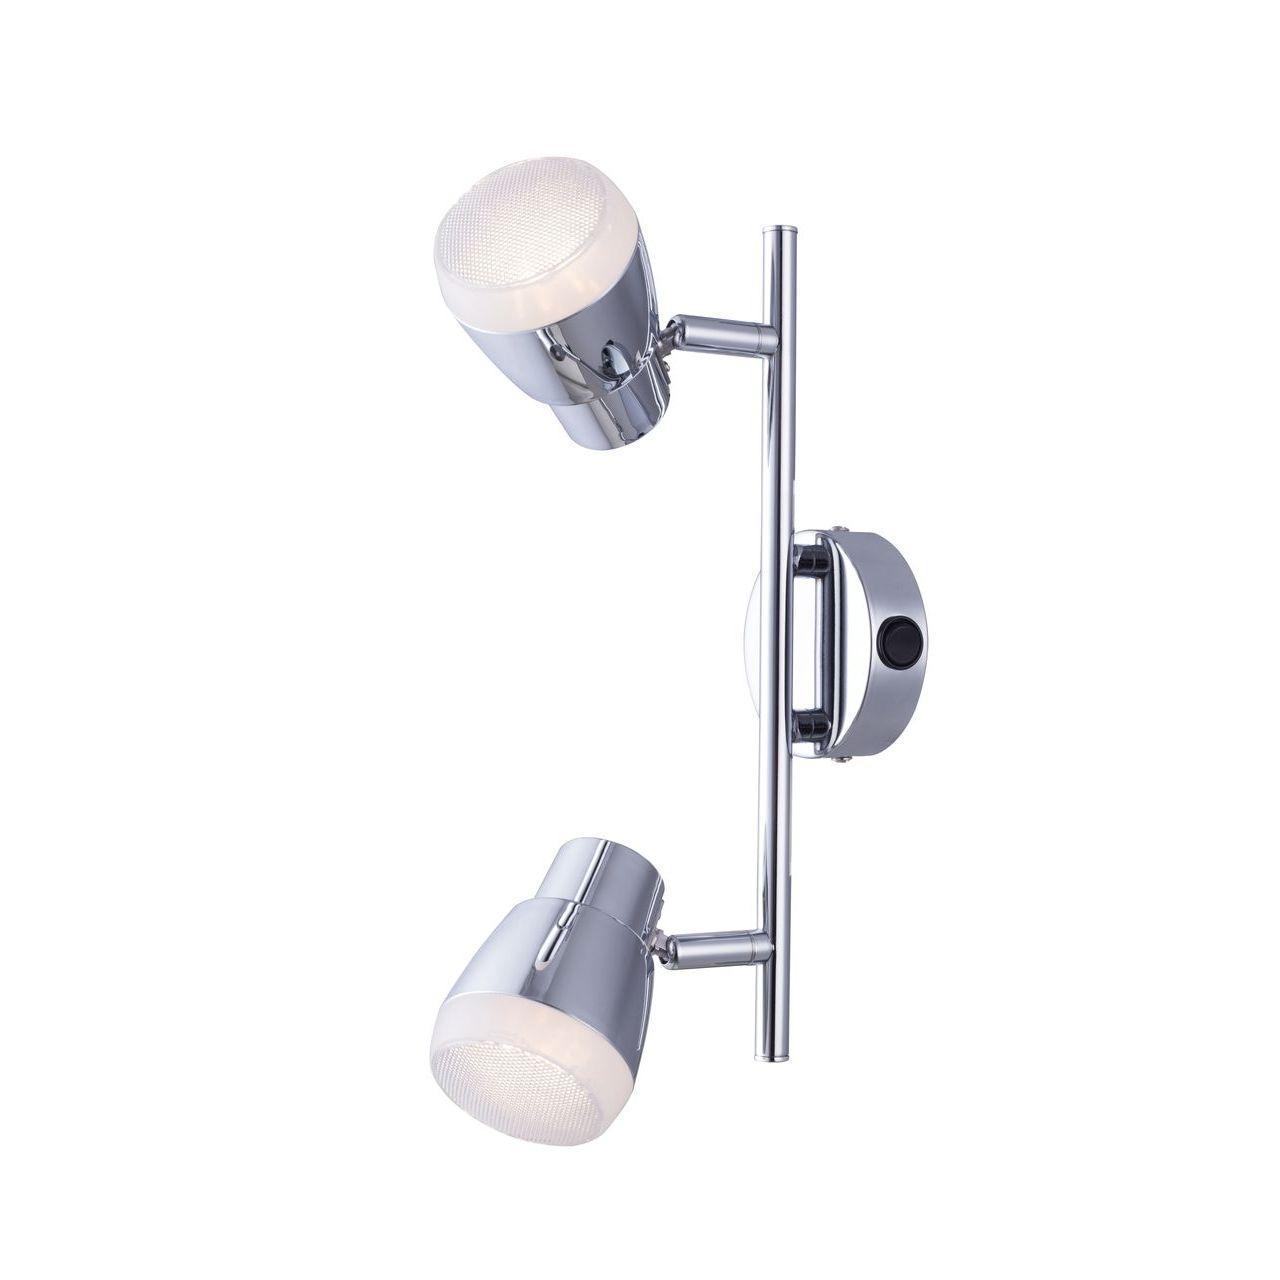 Светодиодный спот Arte Lamp Cuffia A5621AP-2CC arte lamp настенный спот arte lamp cuffia a5621ap 1cc